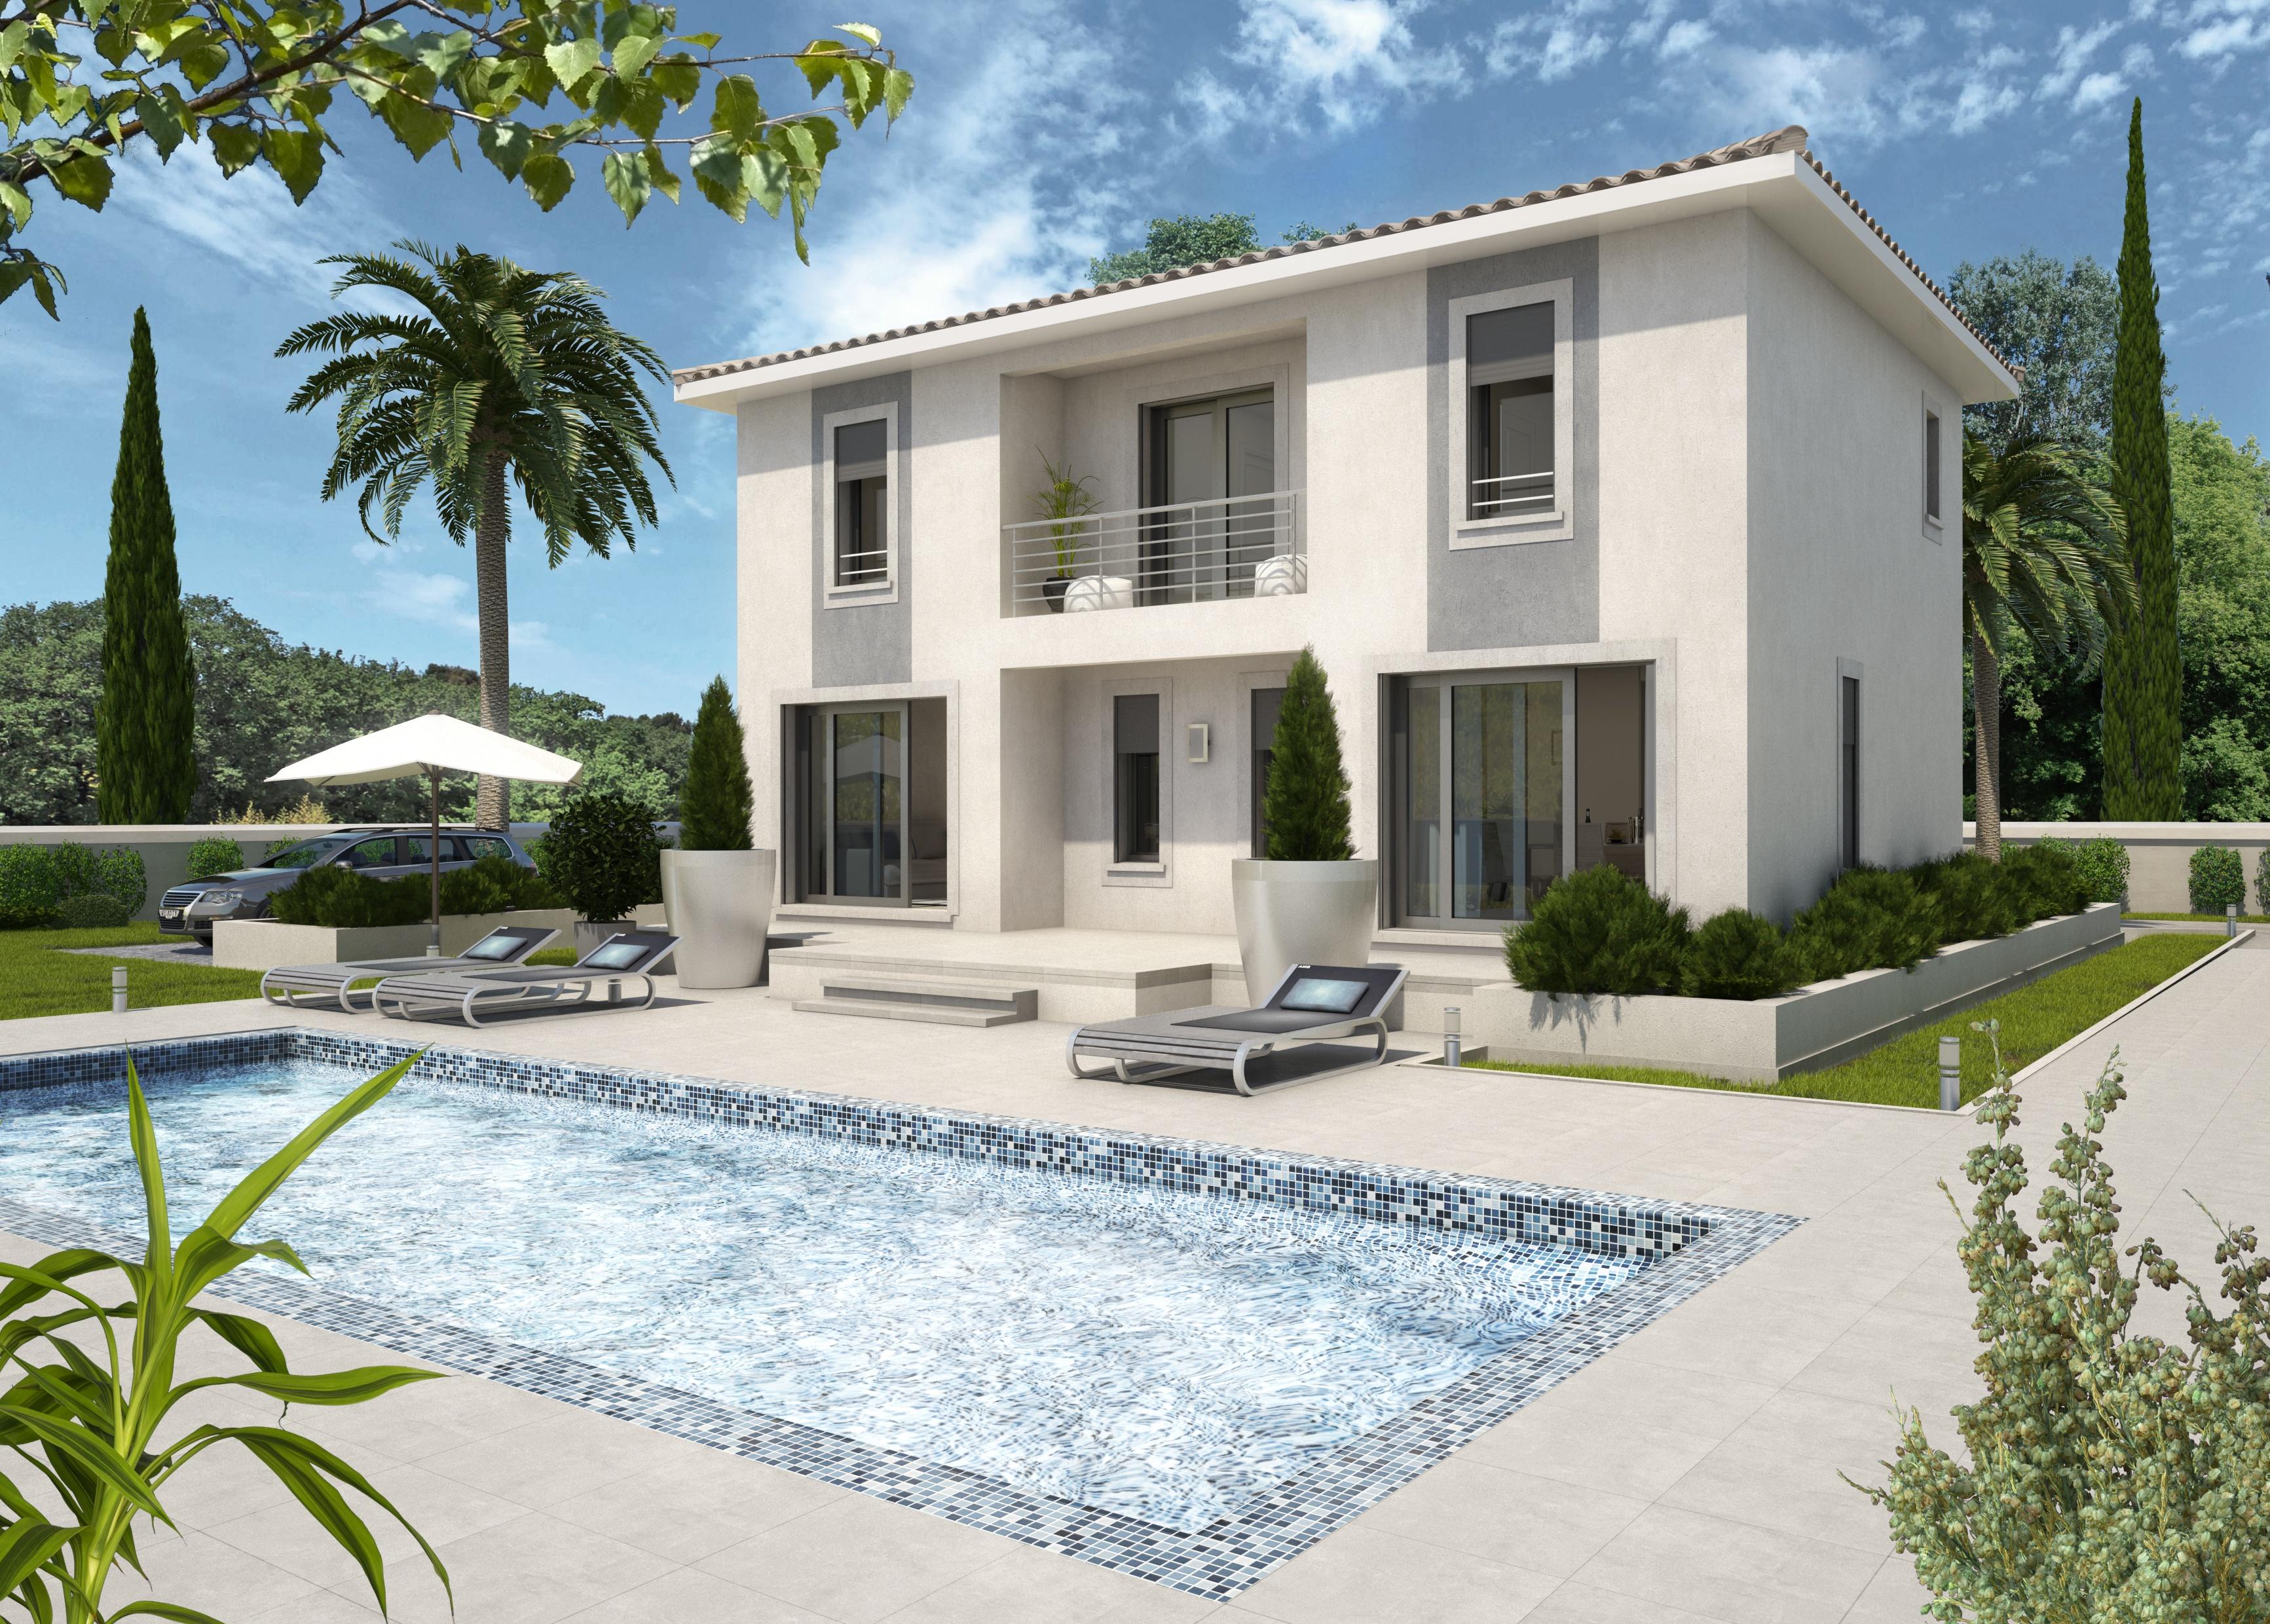 Maisons + Terrains du constructeur ART ET TRADITIONS MEDITERRANEE • 120 m² • SAINT JULIEN DE PEYROLAS